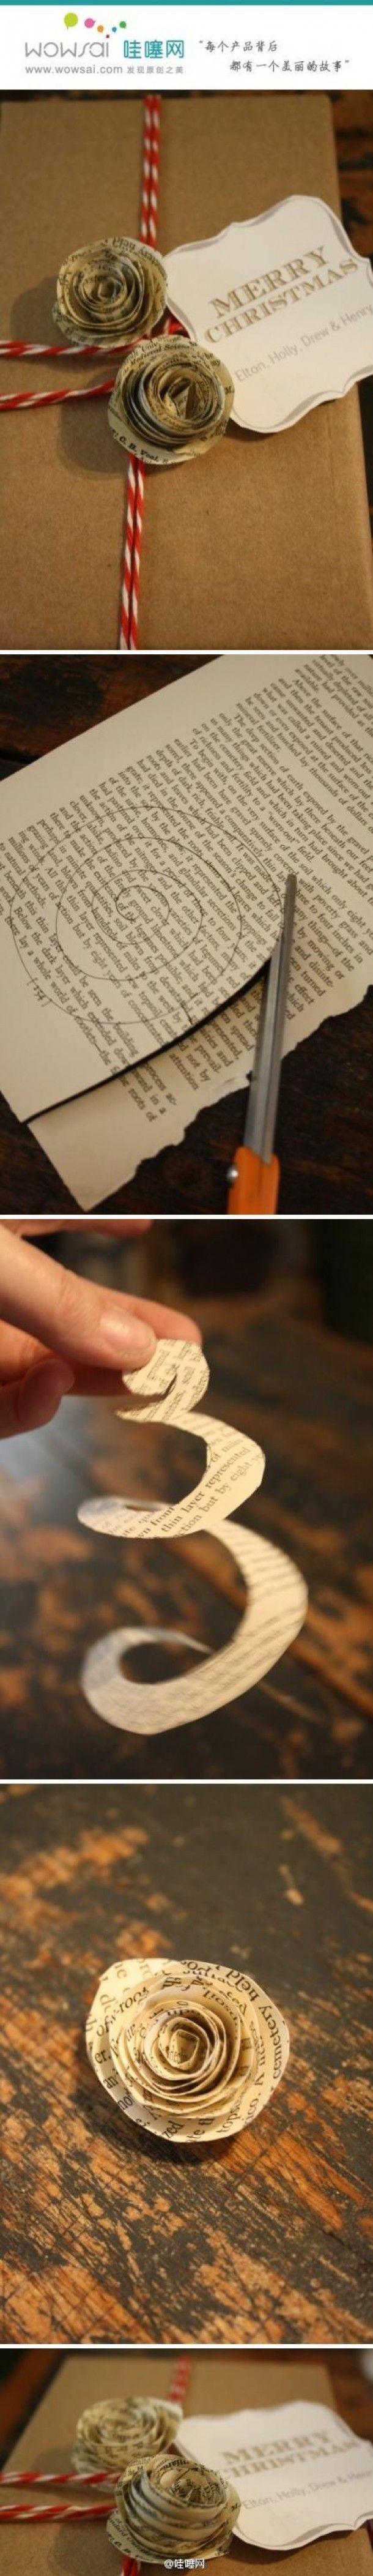 25 beste idee n over papieren verpakkingen op pinterest for Papieren zakken bedrukken